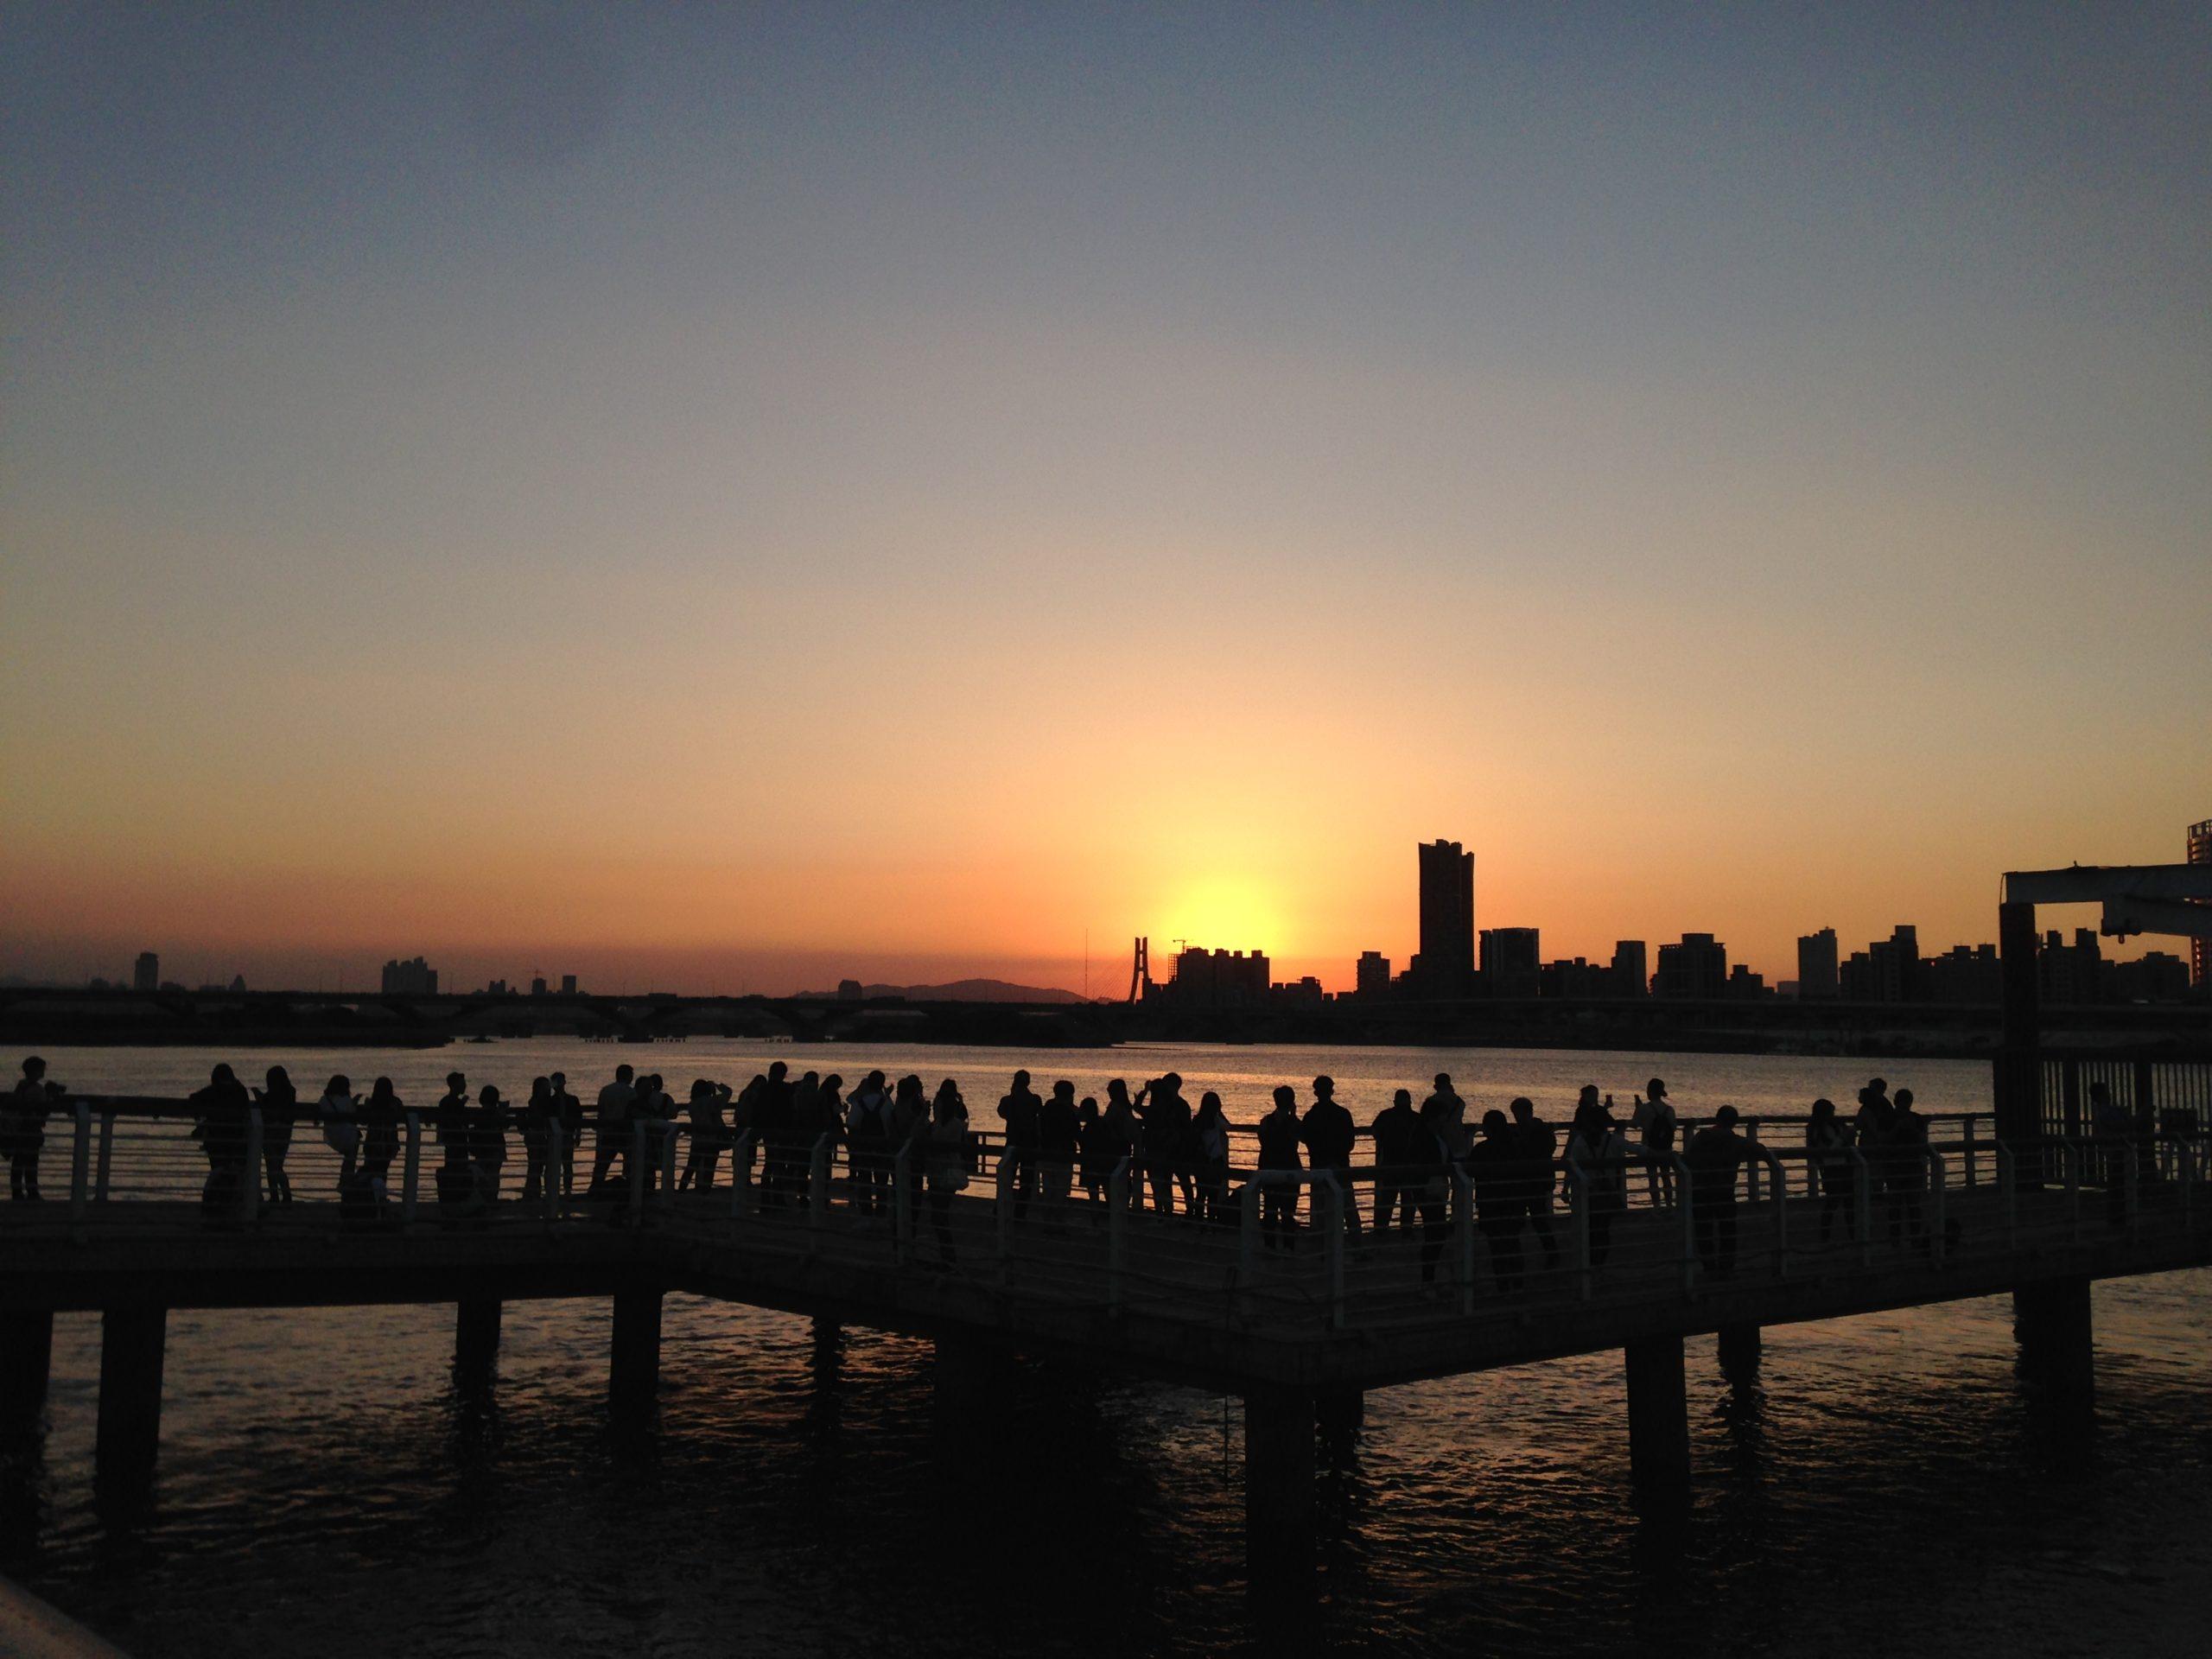 淡水河濱自行車道夕陽